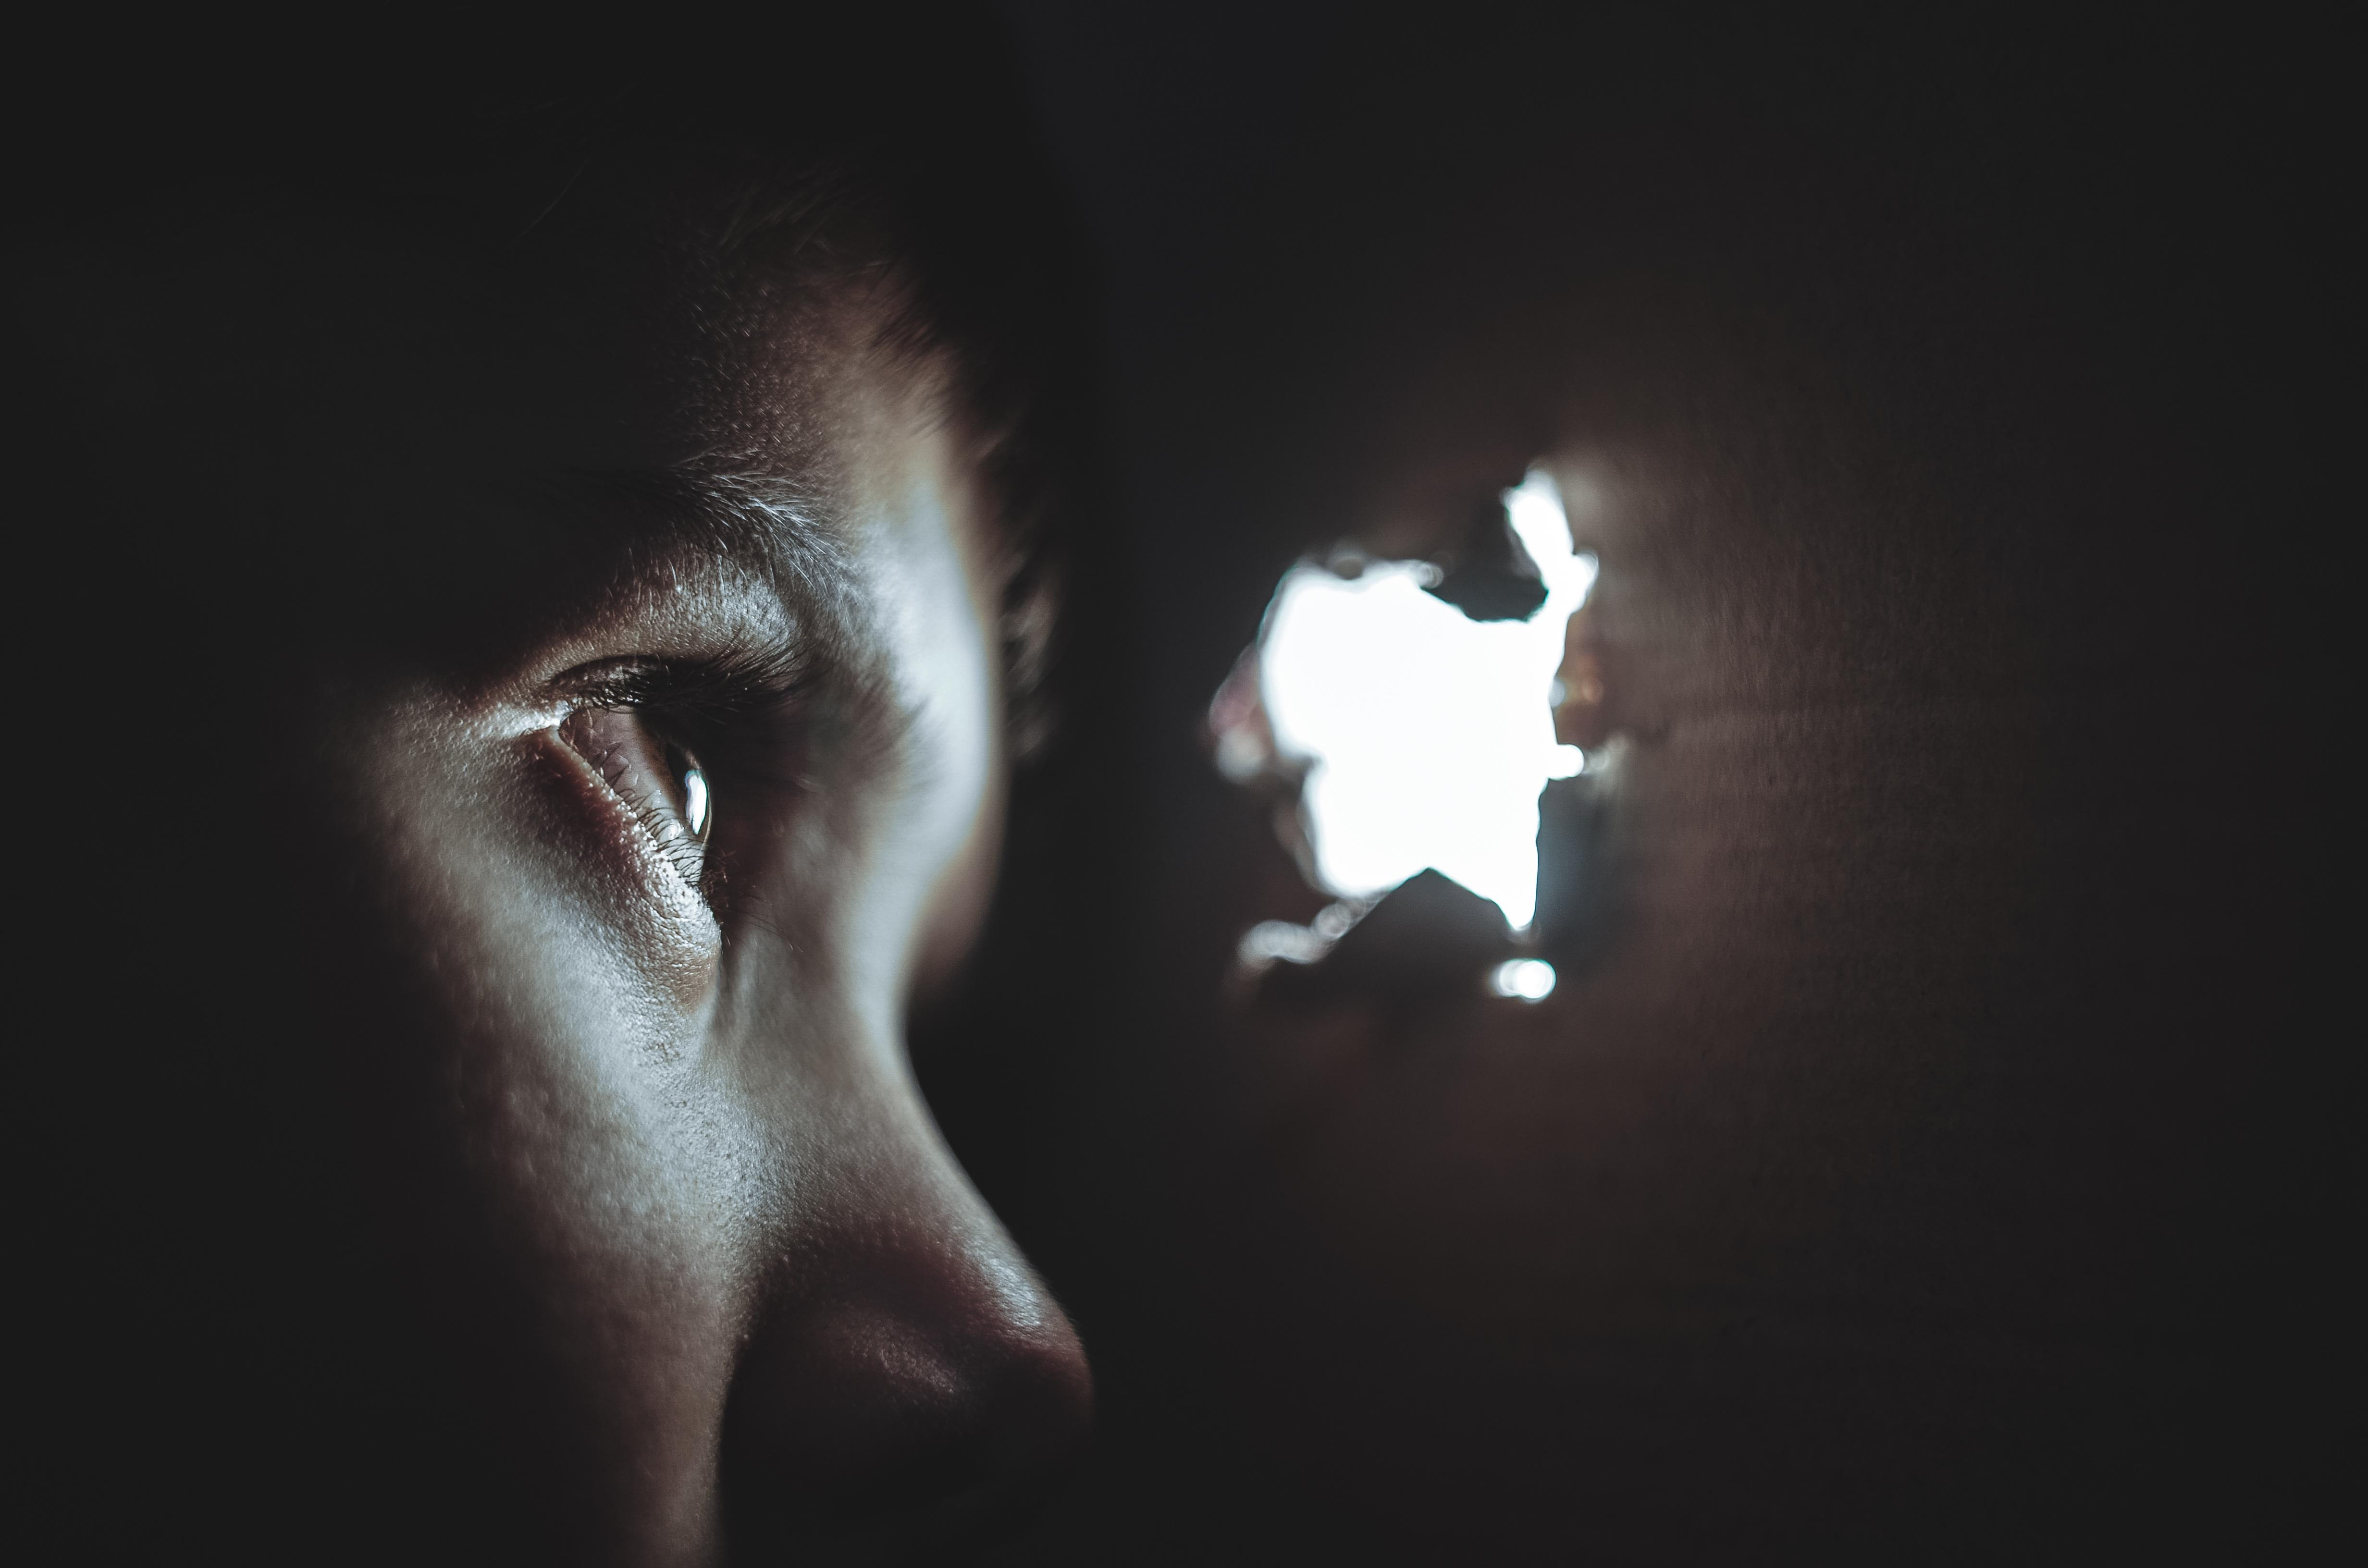 Fotografía de un niño viendo a través de un agujero en la pared.